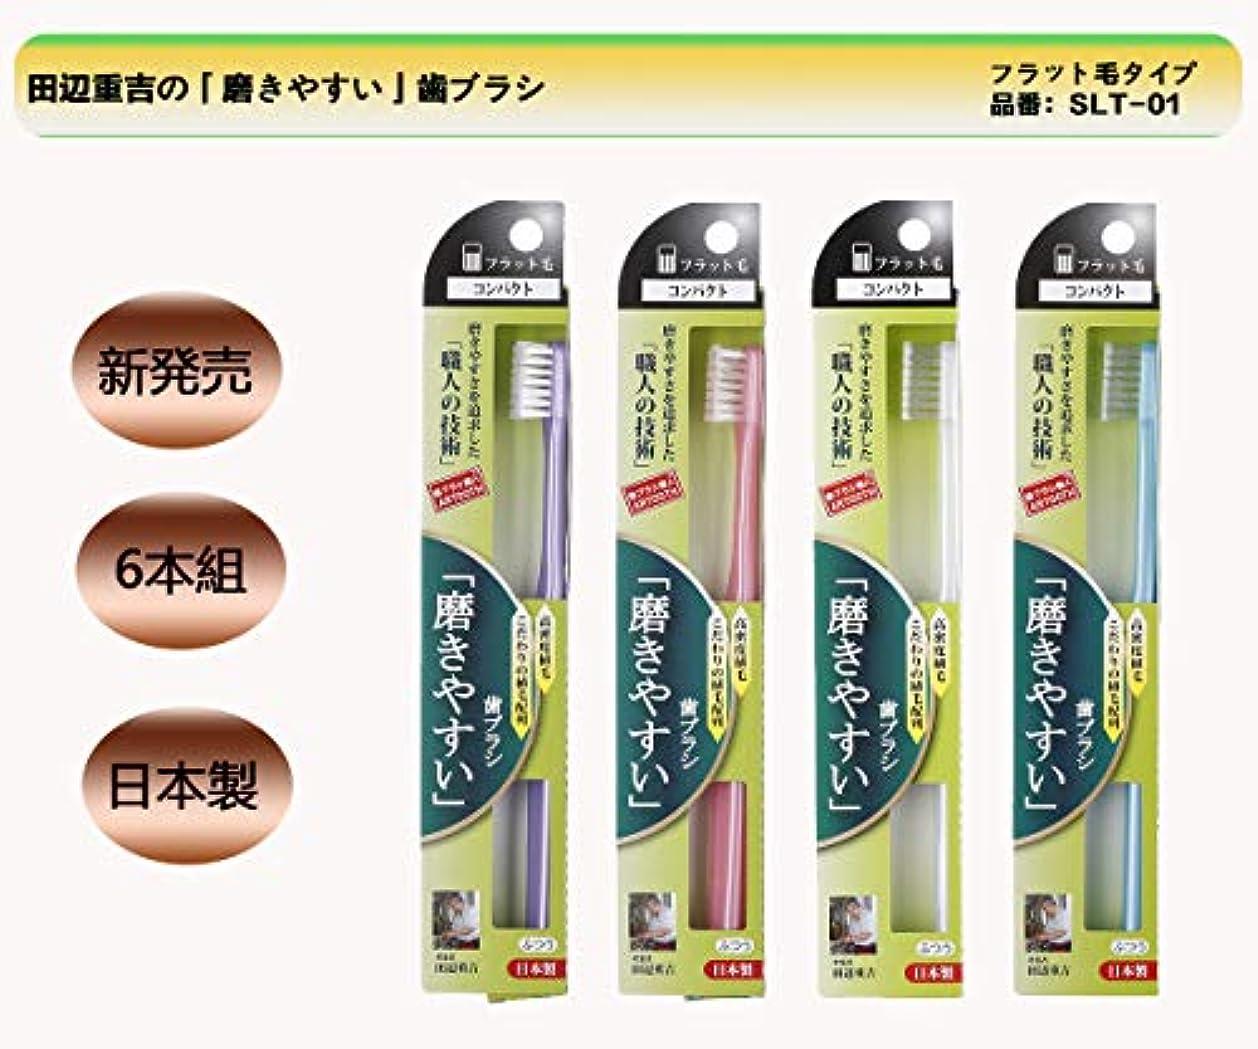 役に立たない閉塞提供歯ブラシ職人 Artooth® 田辺重吉 日本製 磨きやすい歯ブラシ 奥歯までフラット毛SLT-01 (6本入)